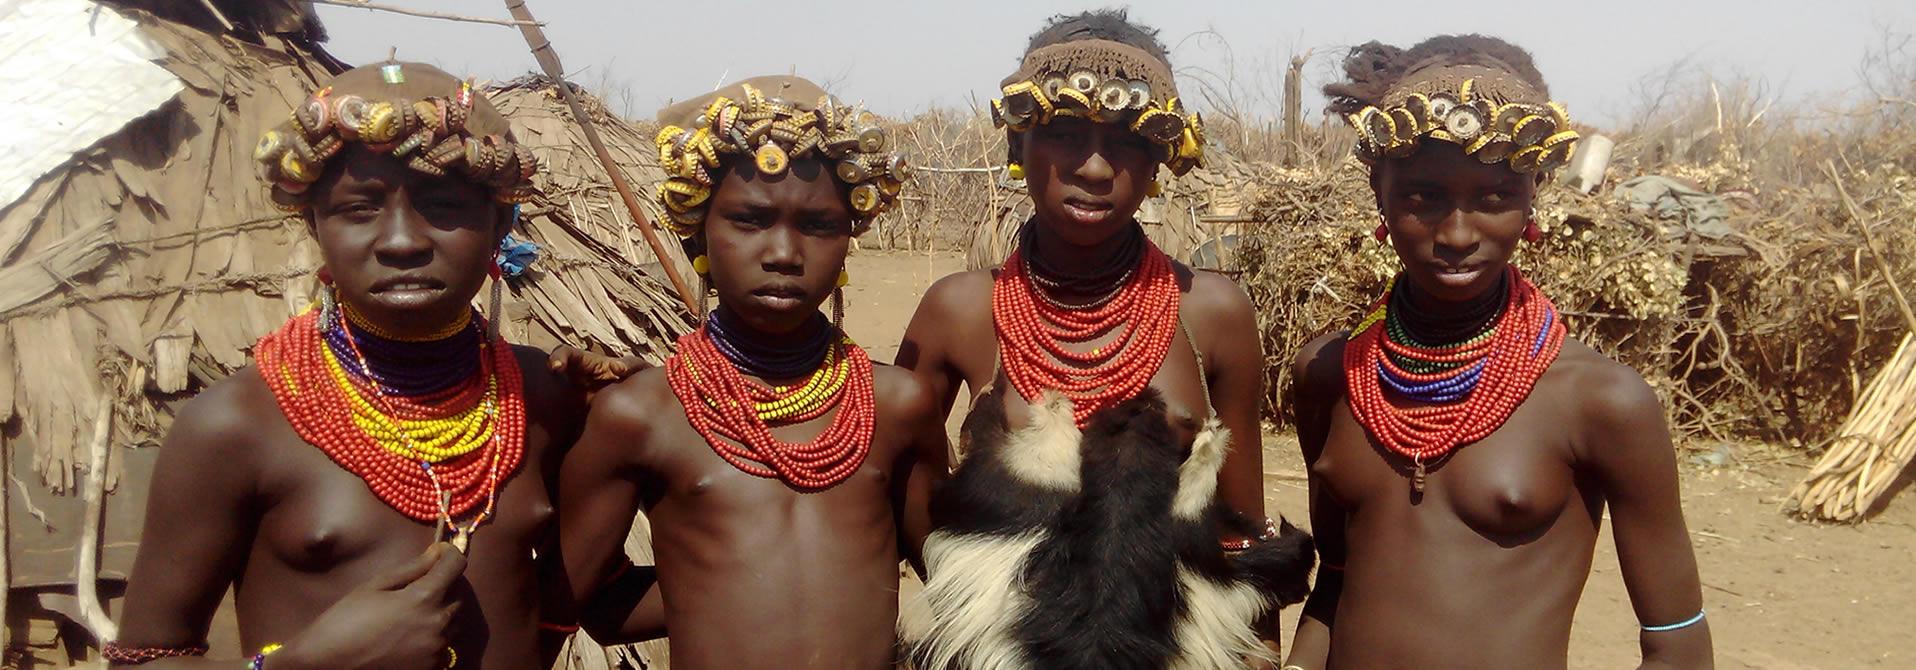 Tribus del Valle Omo – Visitas Culturales Etíopes